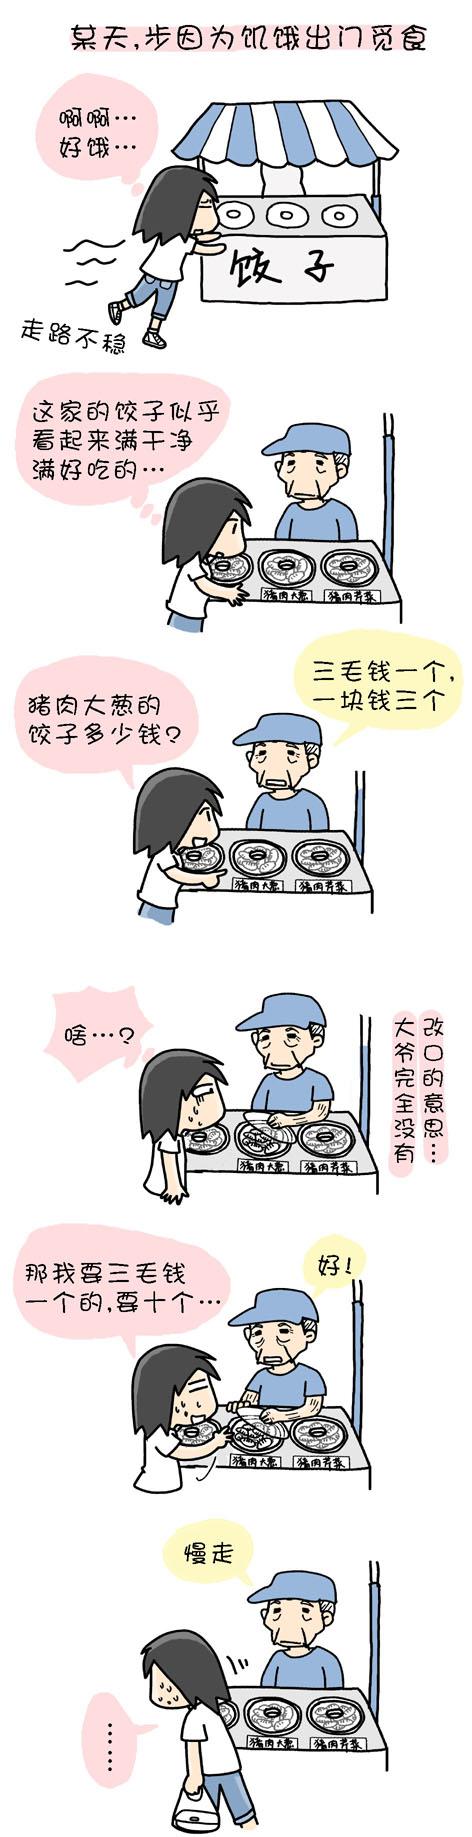 混乱 - 小步 - 小步漫画日记